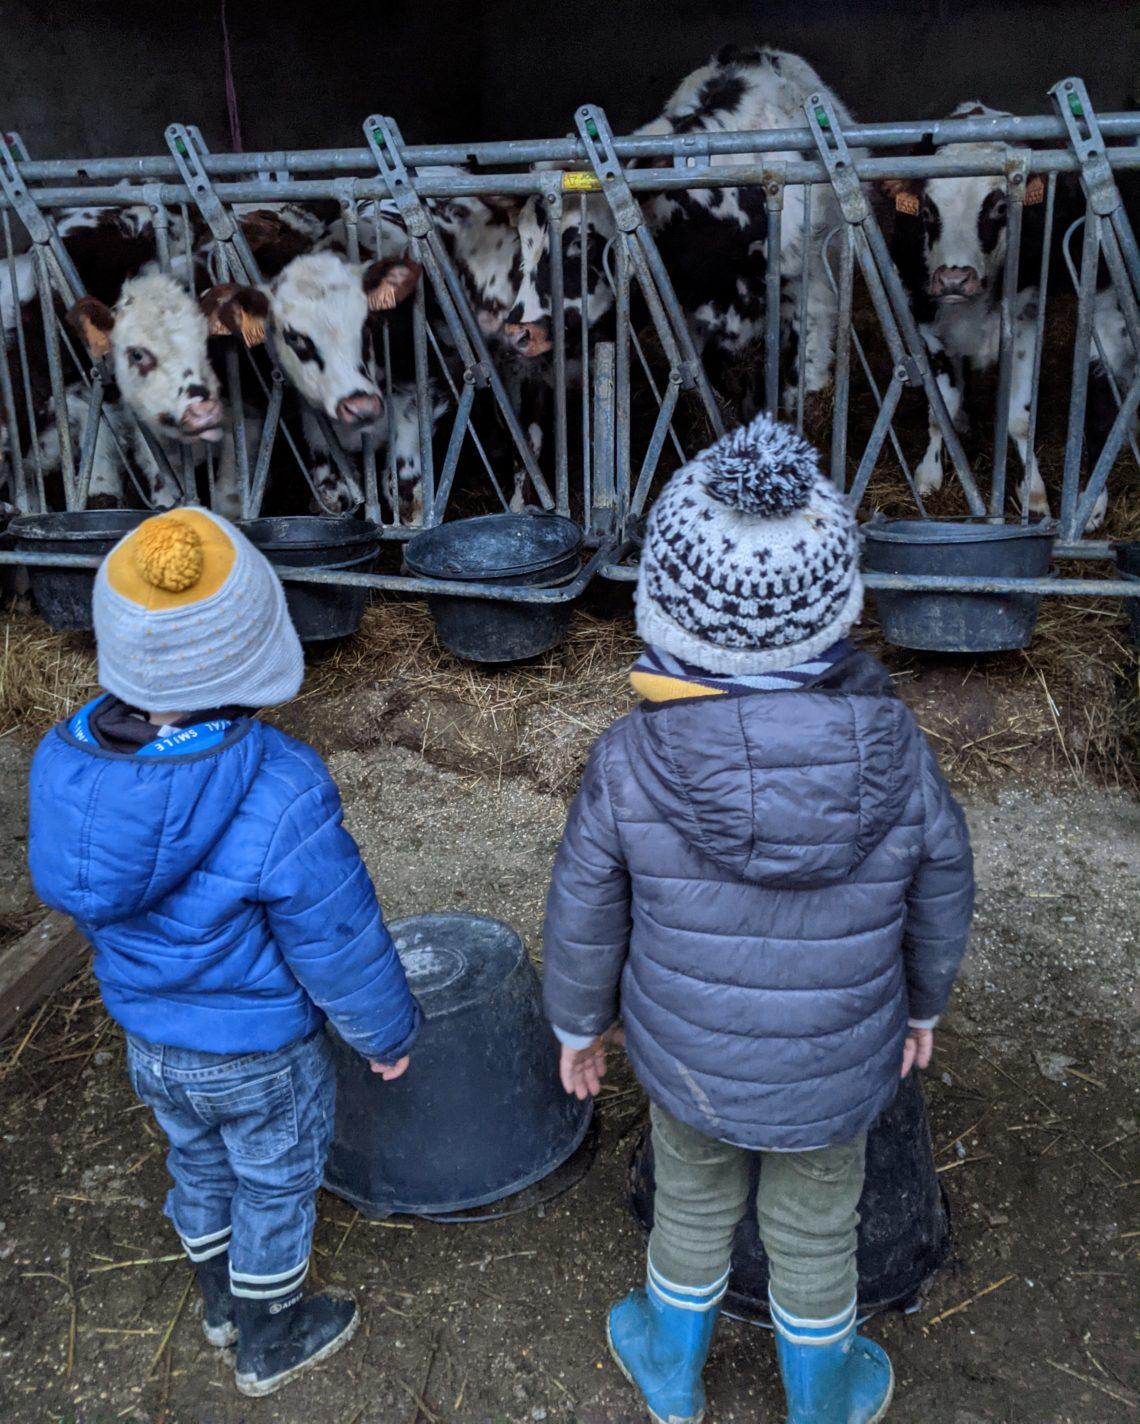 Les enfants adorent les veaux!